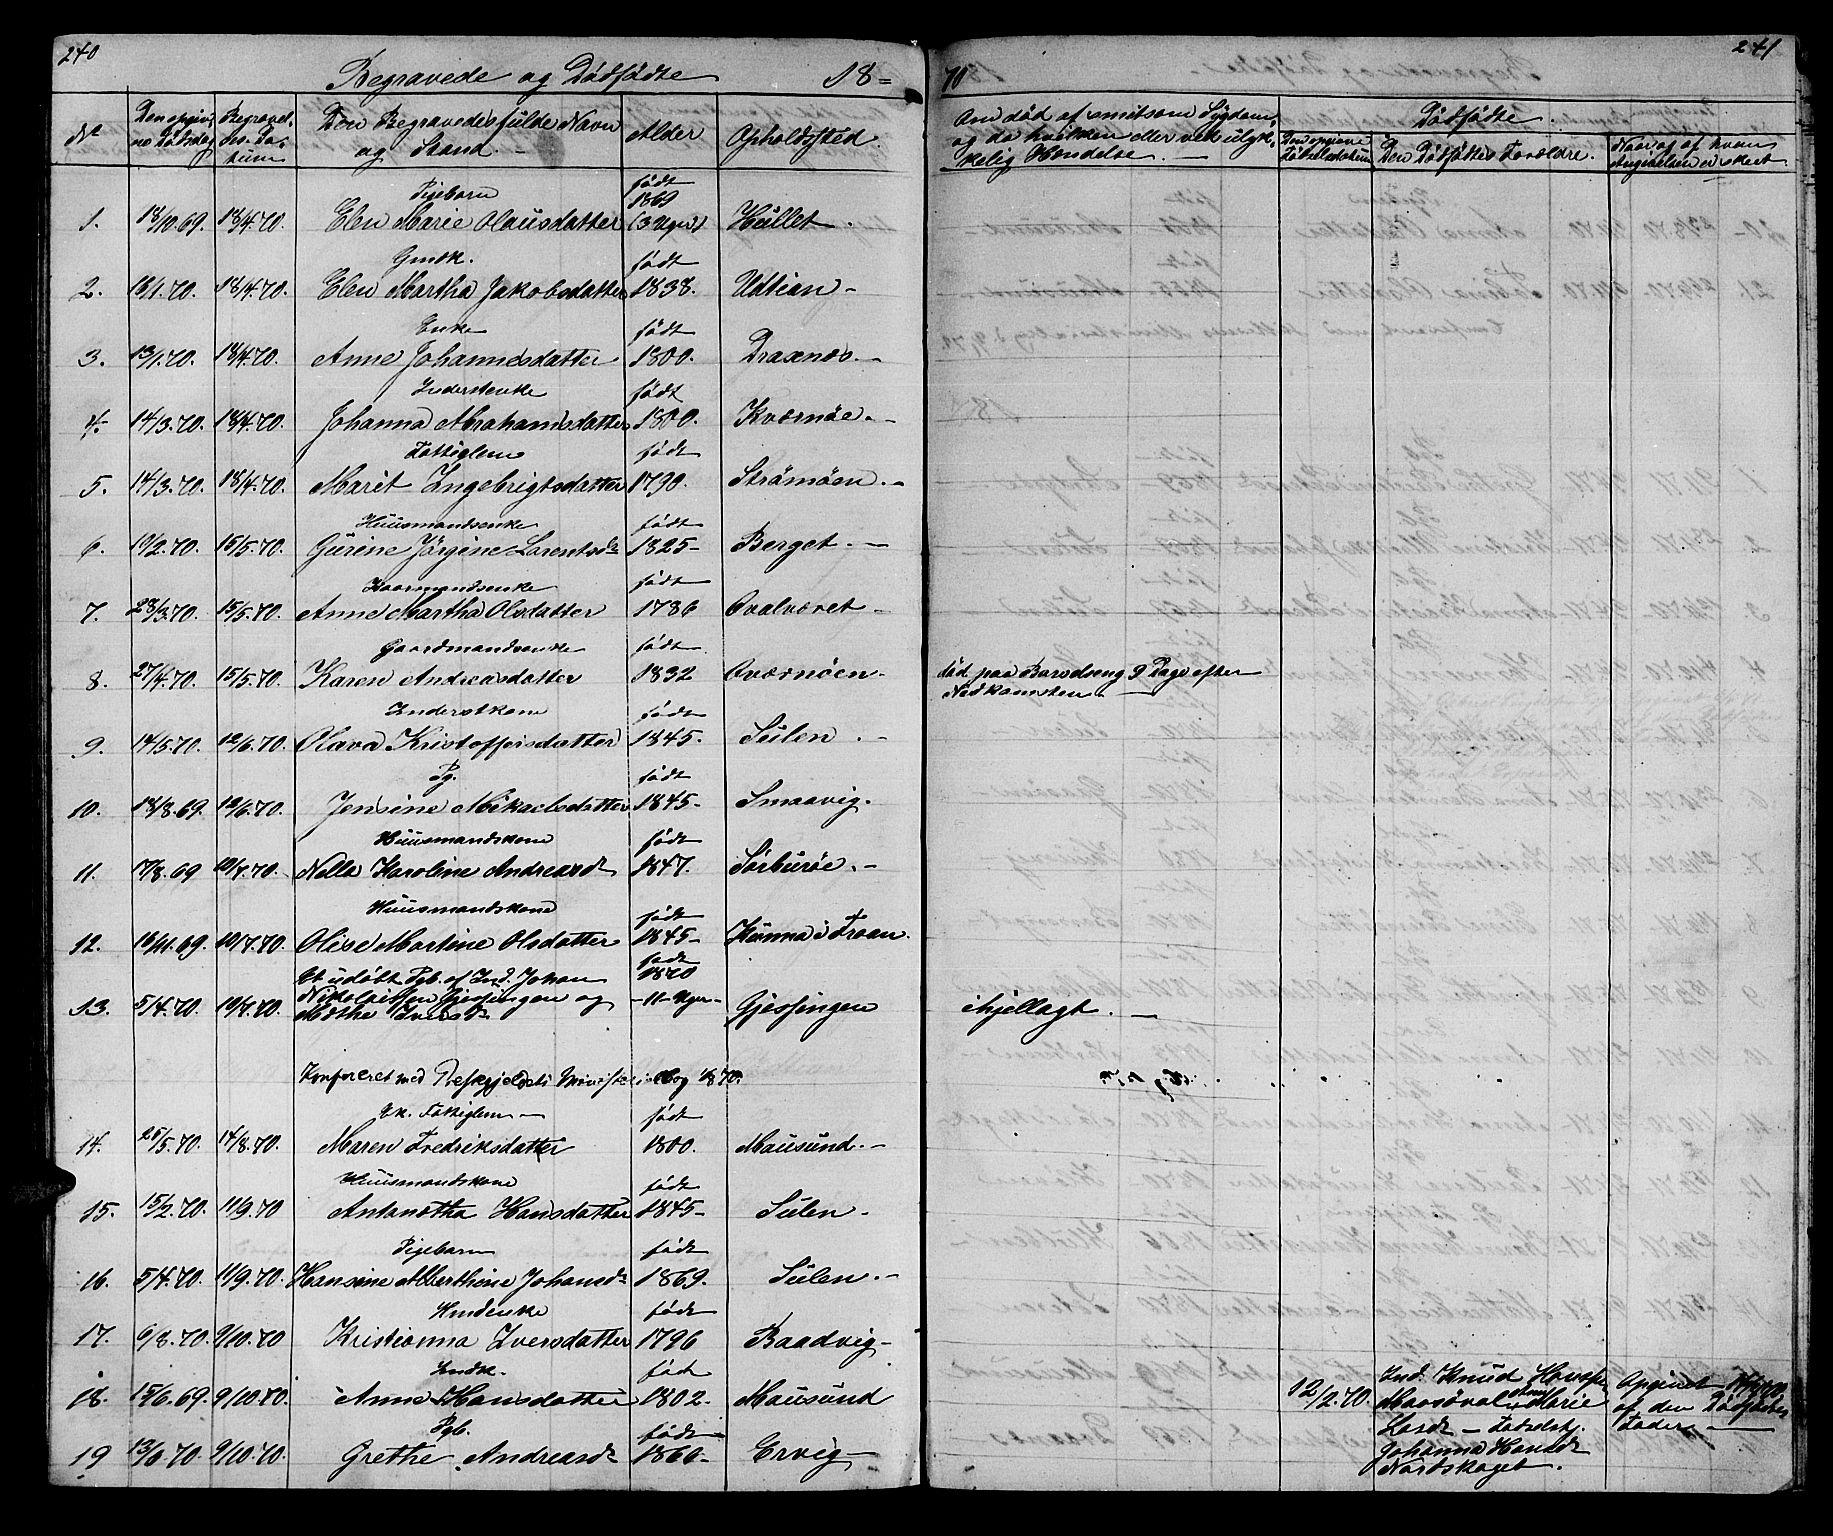 SAT, Ministerialprotokoller, klokkerbøker og fødselsregistre - Sør-Trøndelag, 640/L0583: Klokkerbok nr. 640C01, 1866-1877, s. 240-241